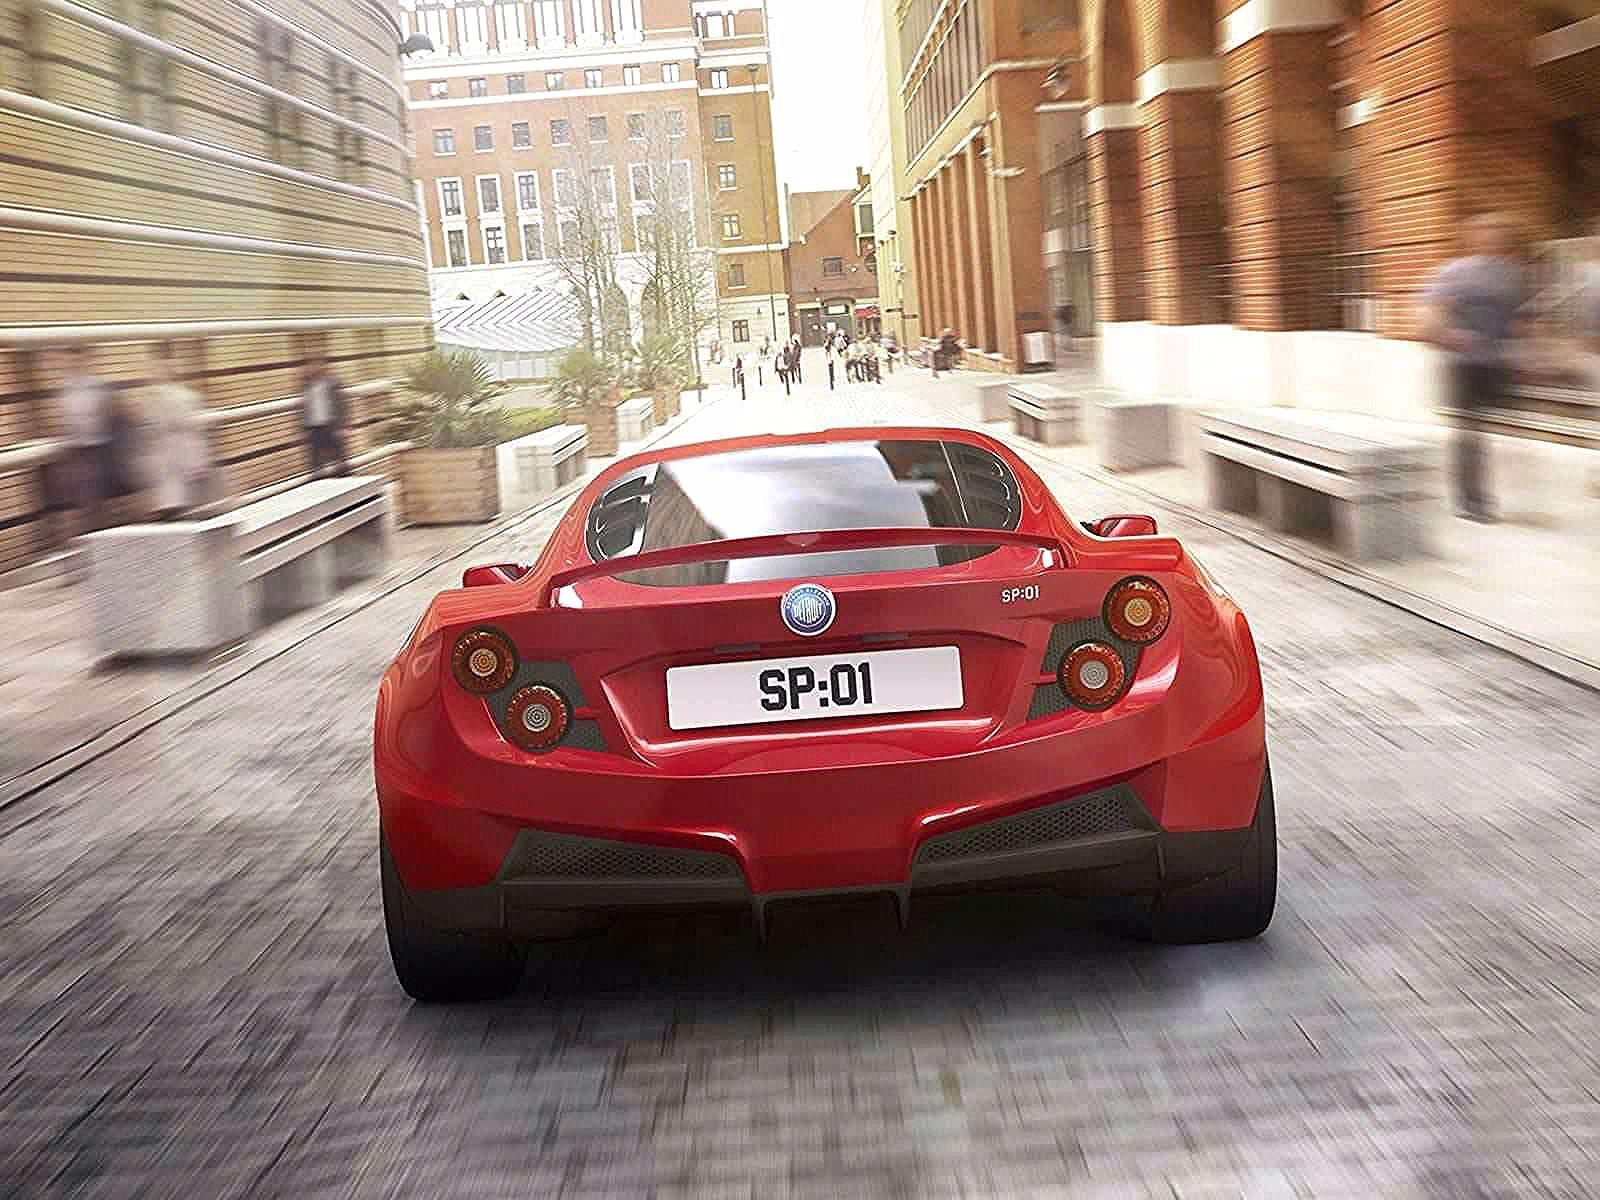 الشكل النهائي لأسرع سيارة كهربائية في العالم حصلت النسخة الإنتاجية من سيارة ديترويت الكتريك اس بي 01 على سقف منح In 2020 Electric Sports Car Sports Car New Sports Cars